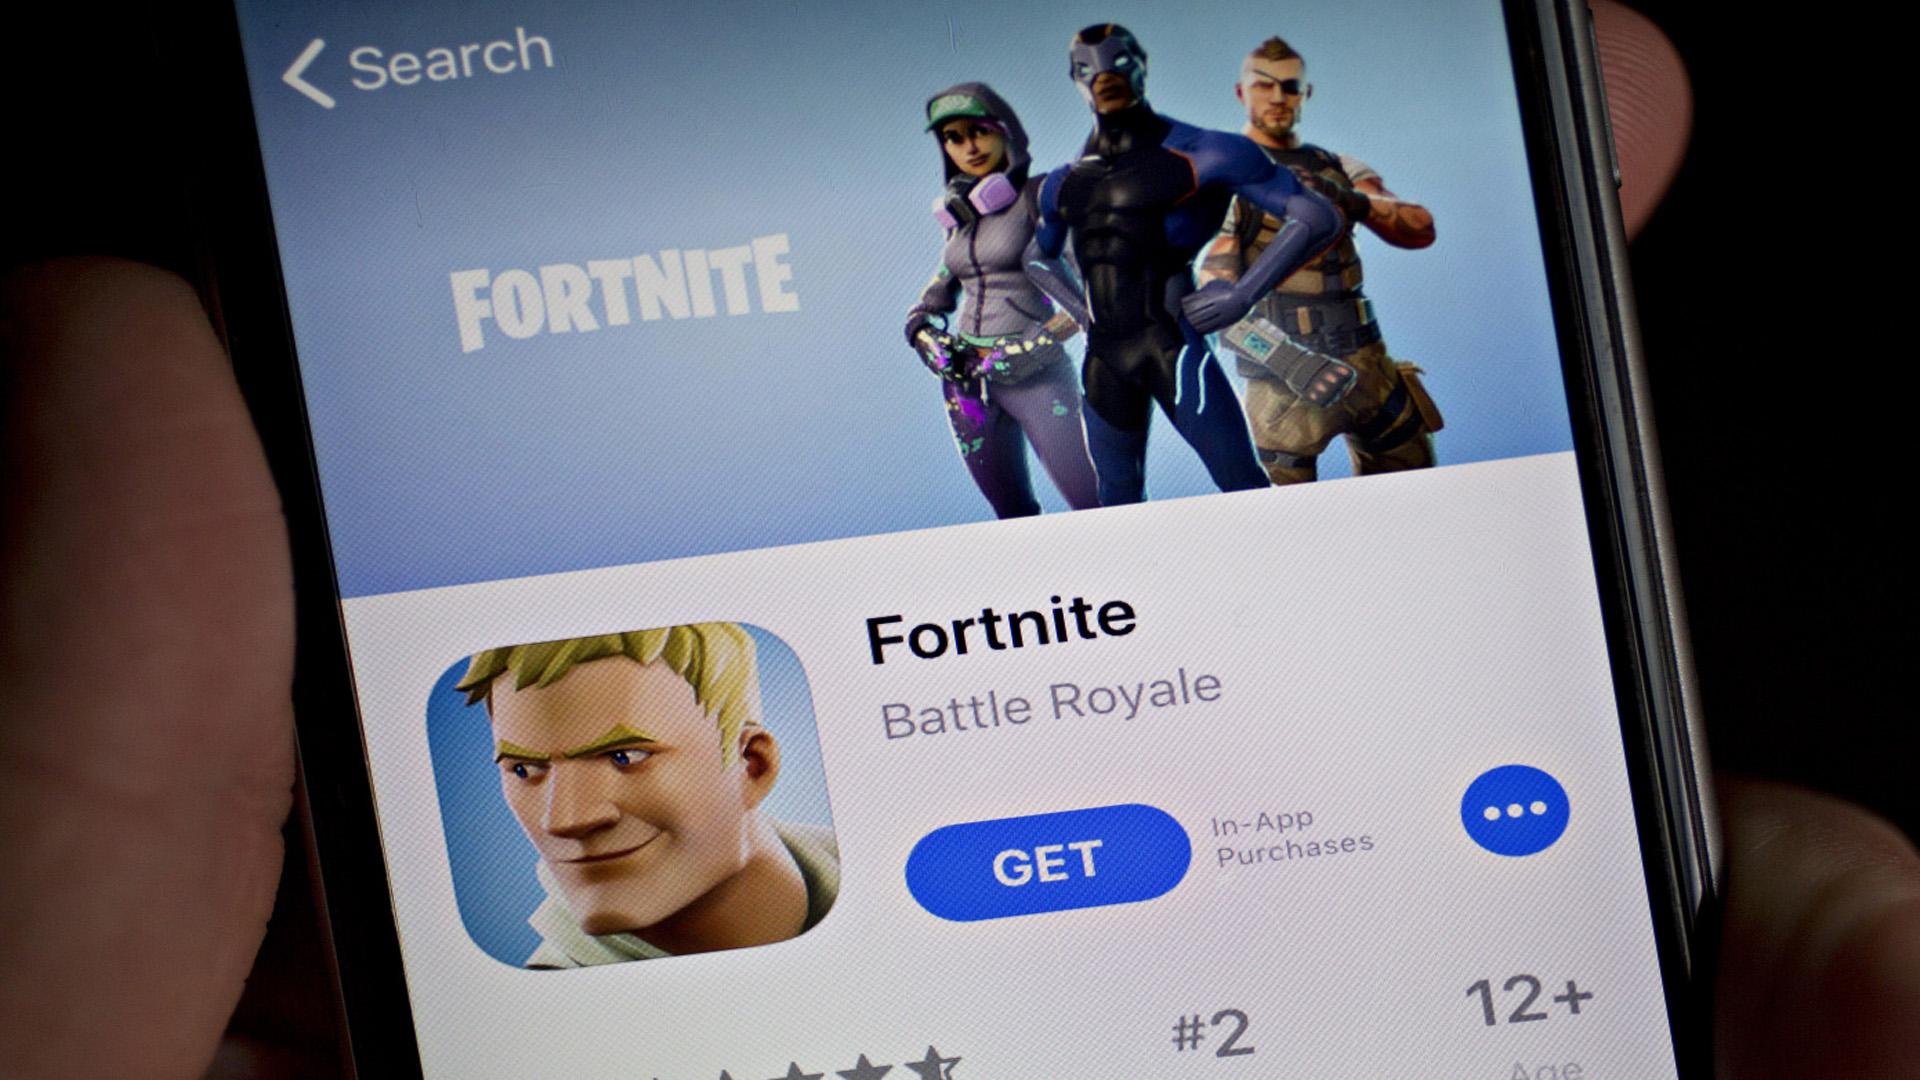 شركة Apple تحذف حساب Epic Games على متجرها Apple Store وتقول لعبة Pubg هي الأفضل